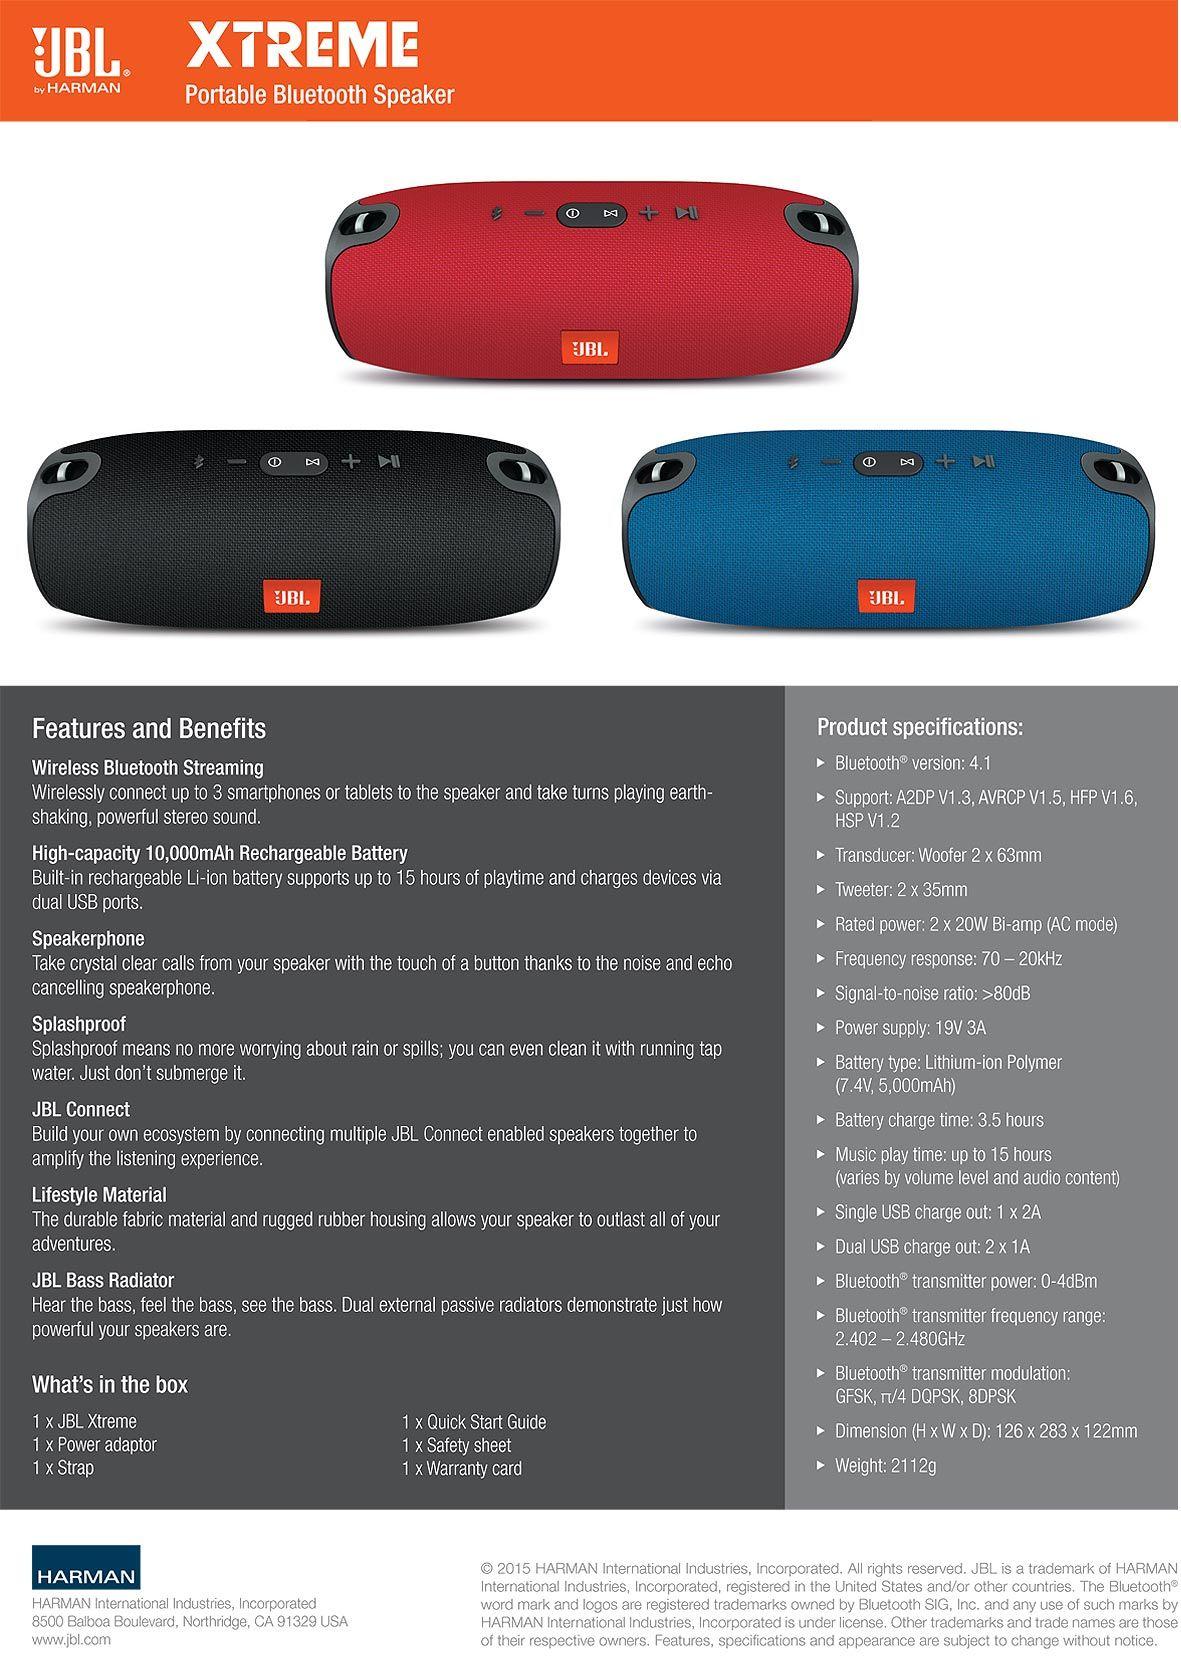 Stereo Shop Chuyên Cung cấp các sản phẩm chính hãng: Tai Nghe – Loa Di Động – Máy Nghe Nhạc Địa chỉ: 31 ngõ 165 Thái Hà , Hà Nội Tel: 04.6686.1390 Hotline: 097.377.6211 – 093.222.1696 Facebook: https://www.facebook.com/StereoShop145 Zalo, imess, viber: 0973776211 Mọi thông...